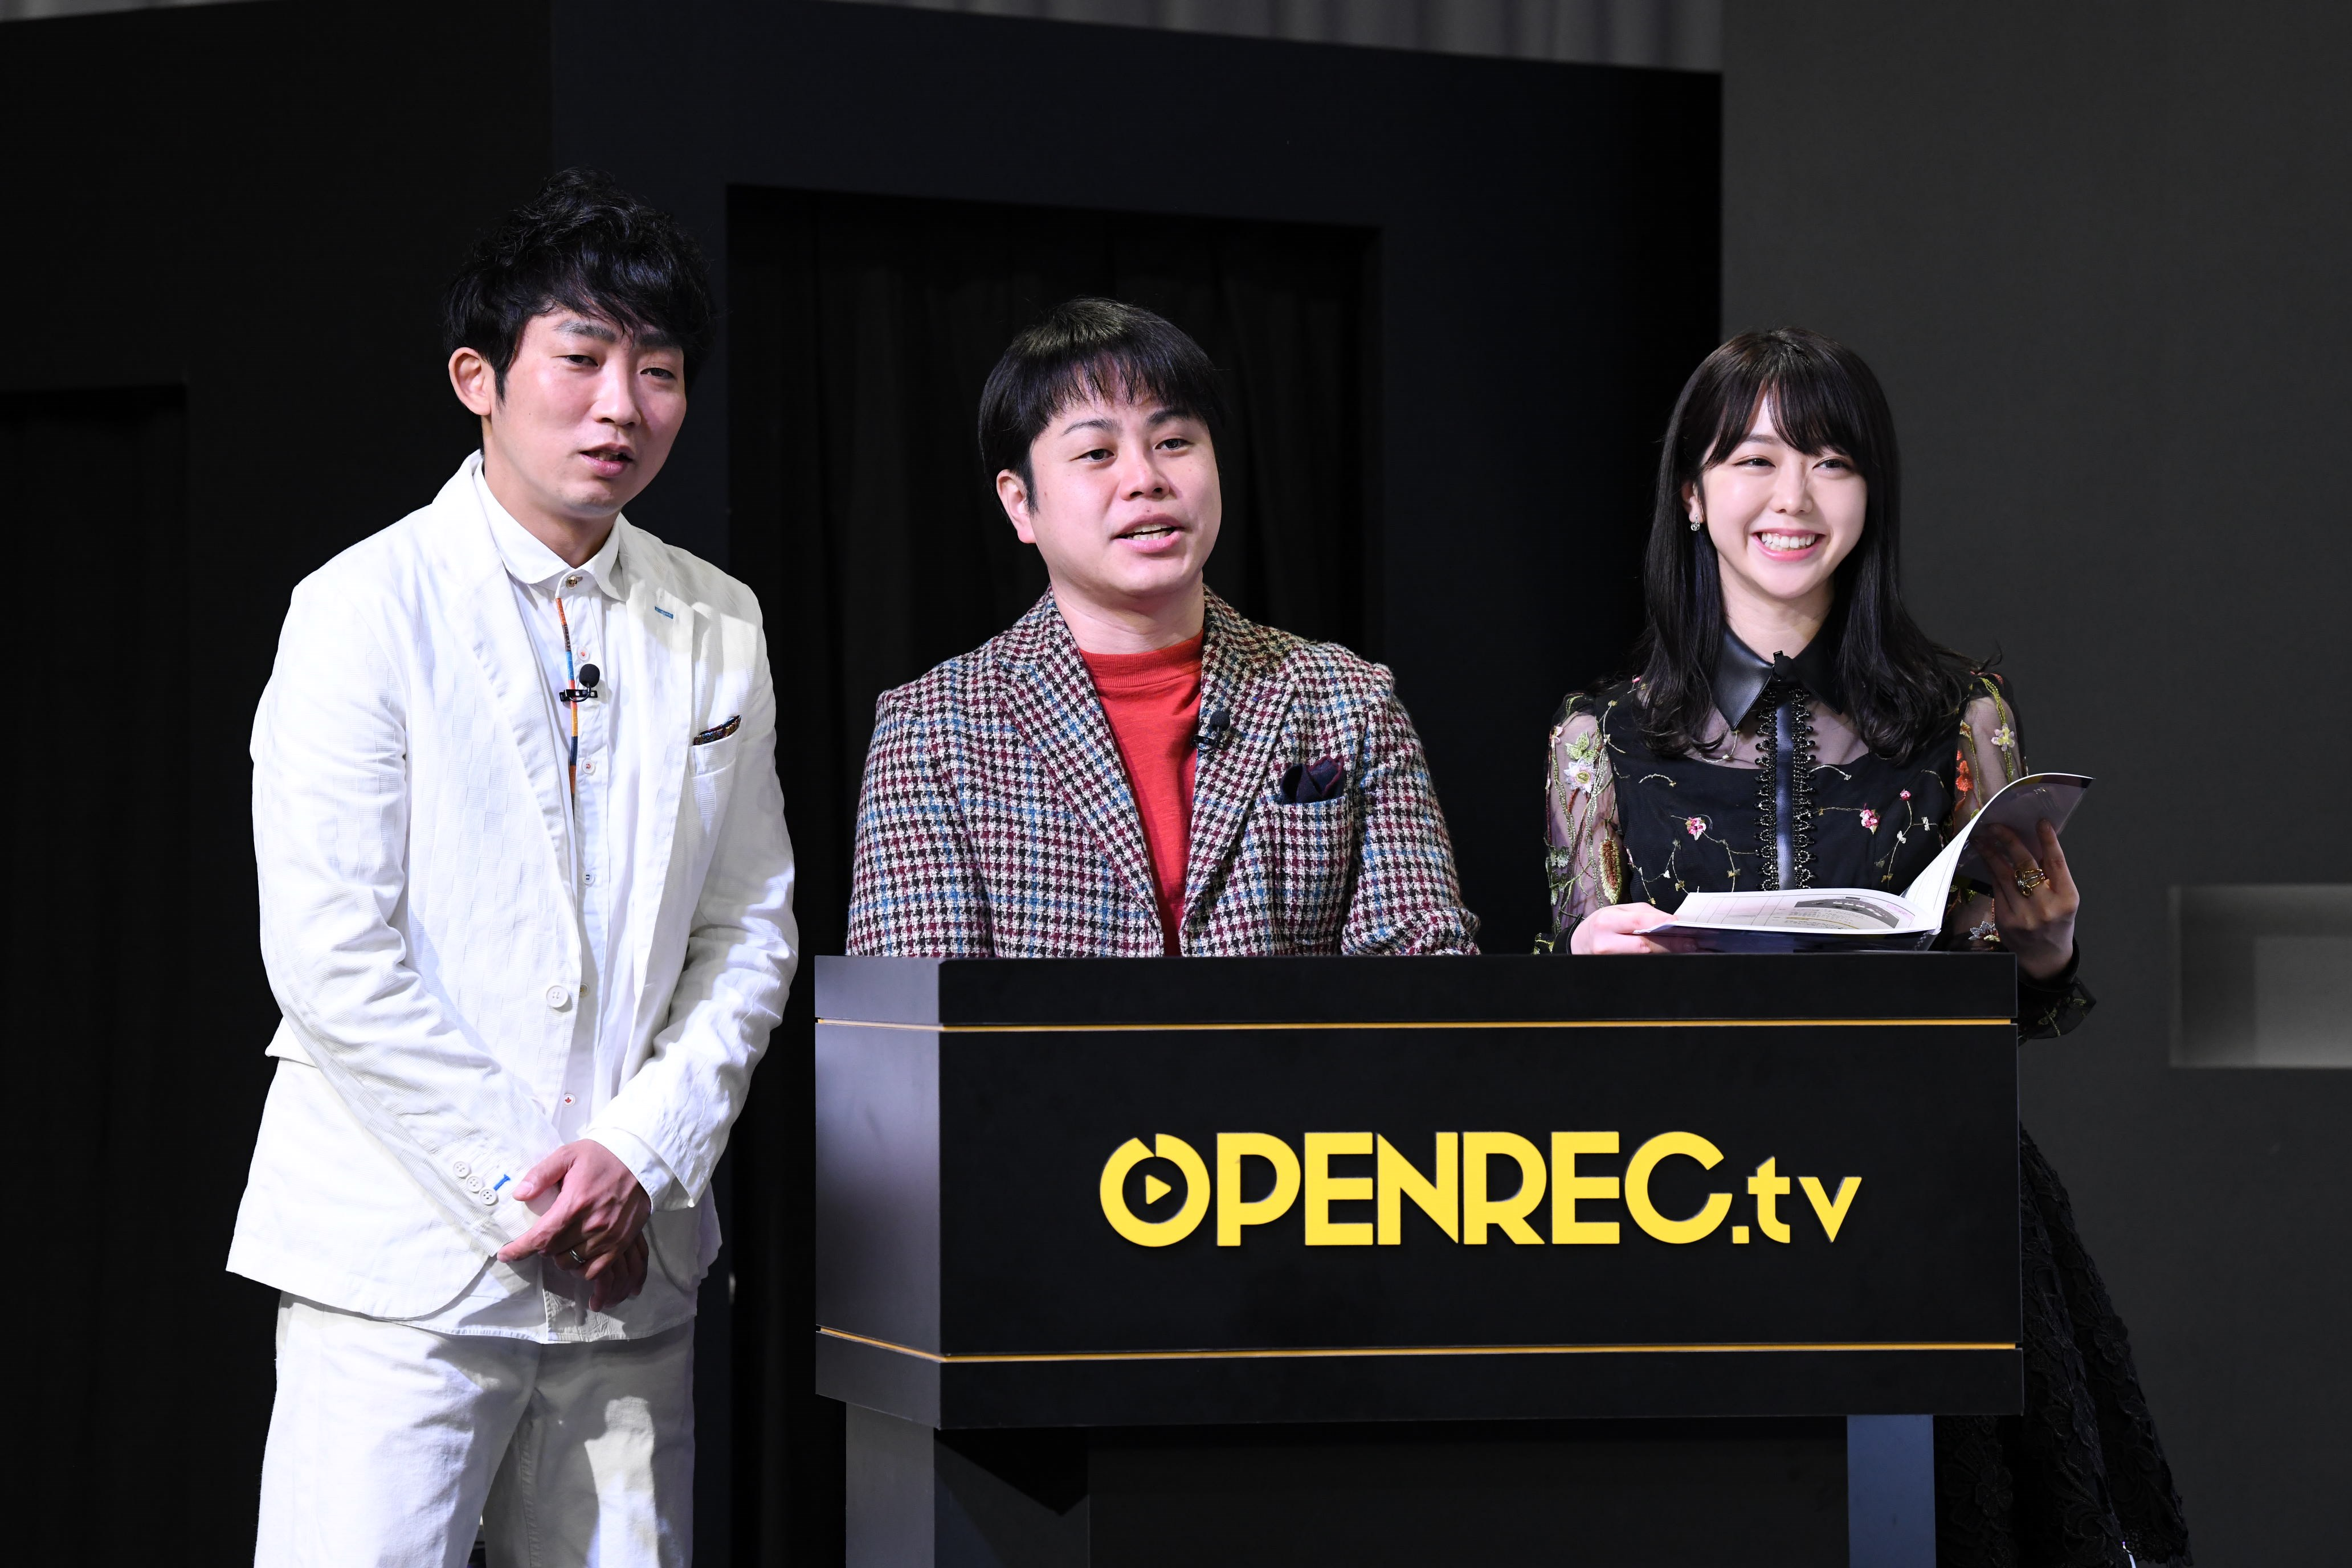 ノンスタイルと峯岸みなみ  (C) AKB48